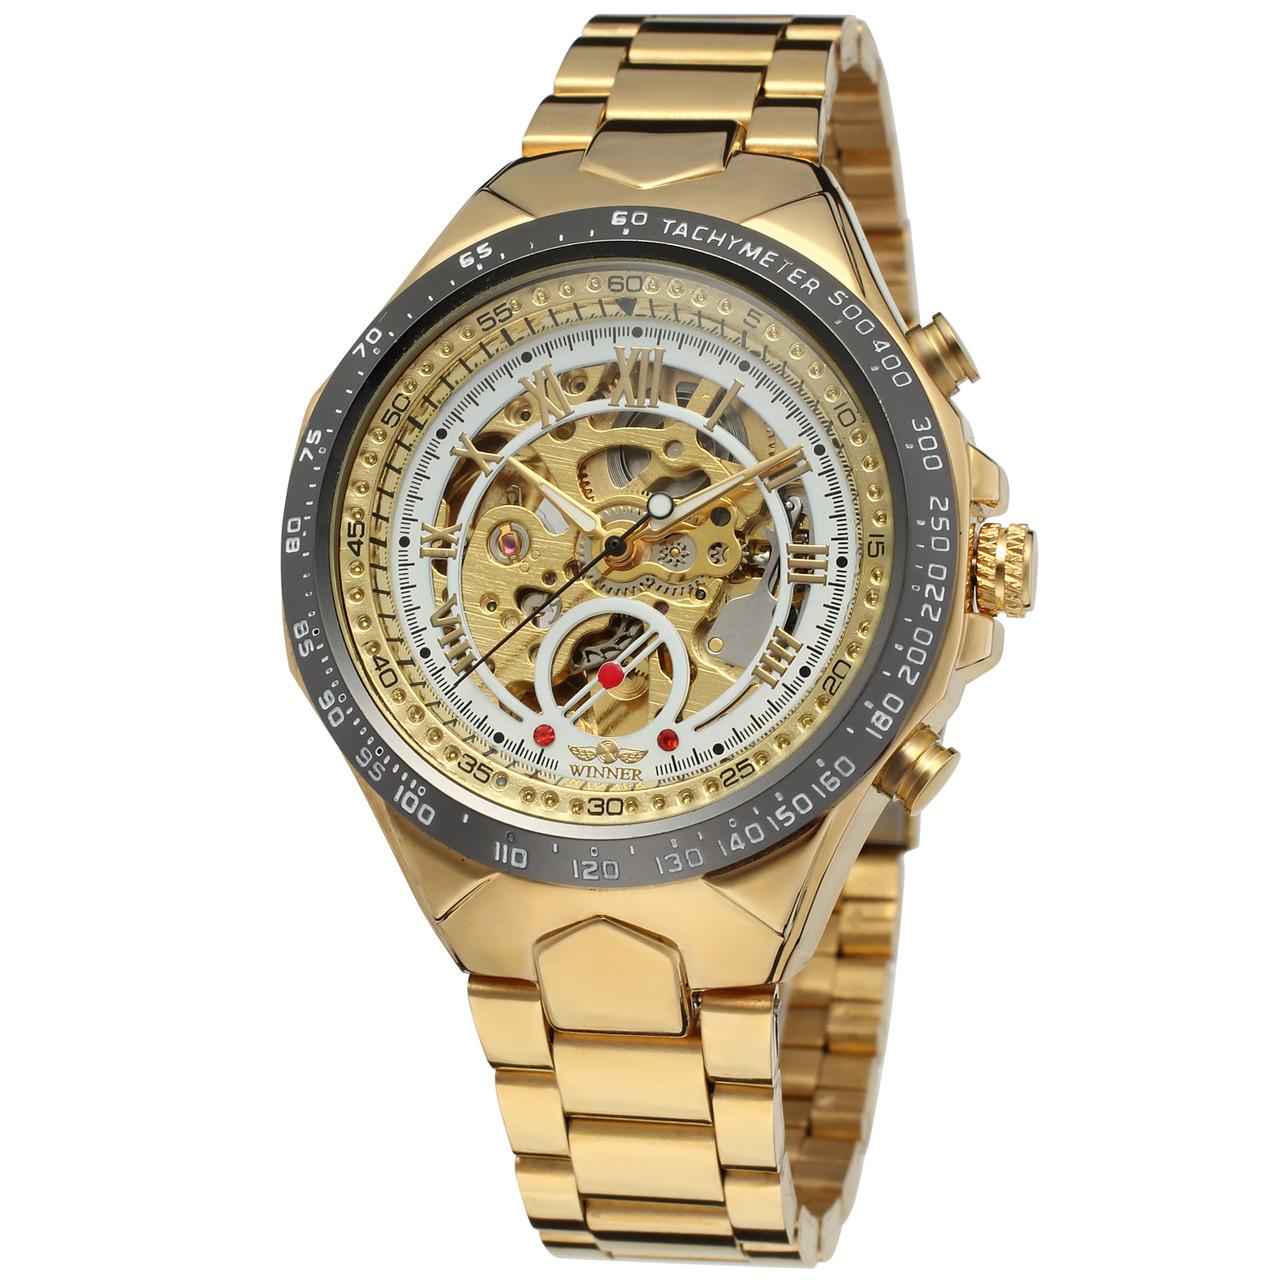 Мужские наручные часы Winner 8067 Gold-Black-White Red Cristal